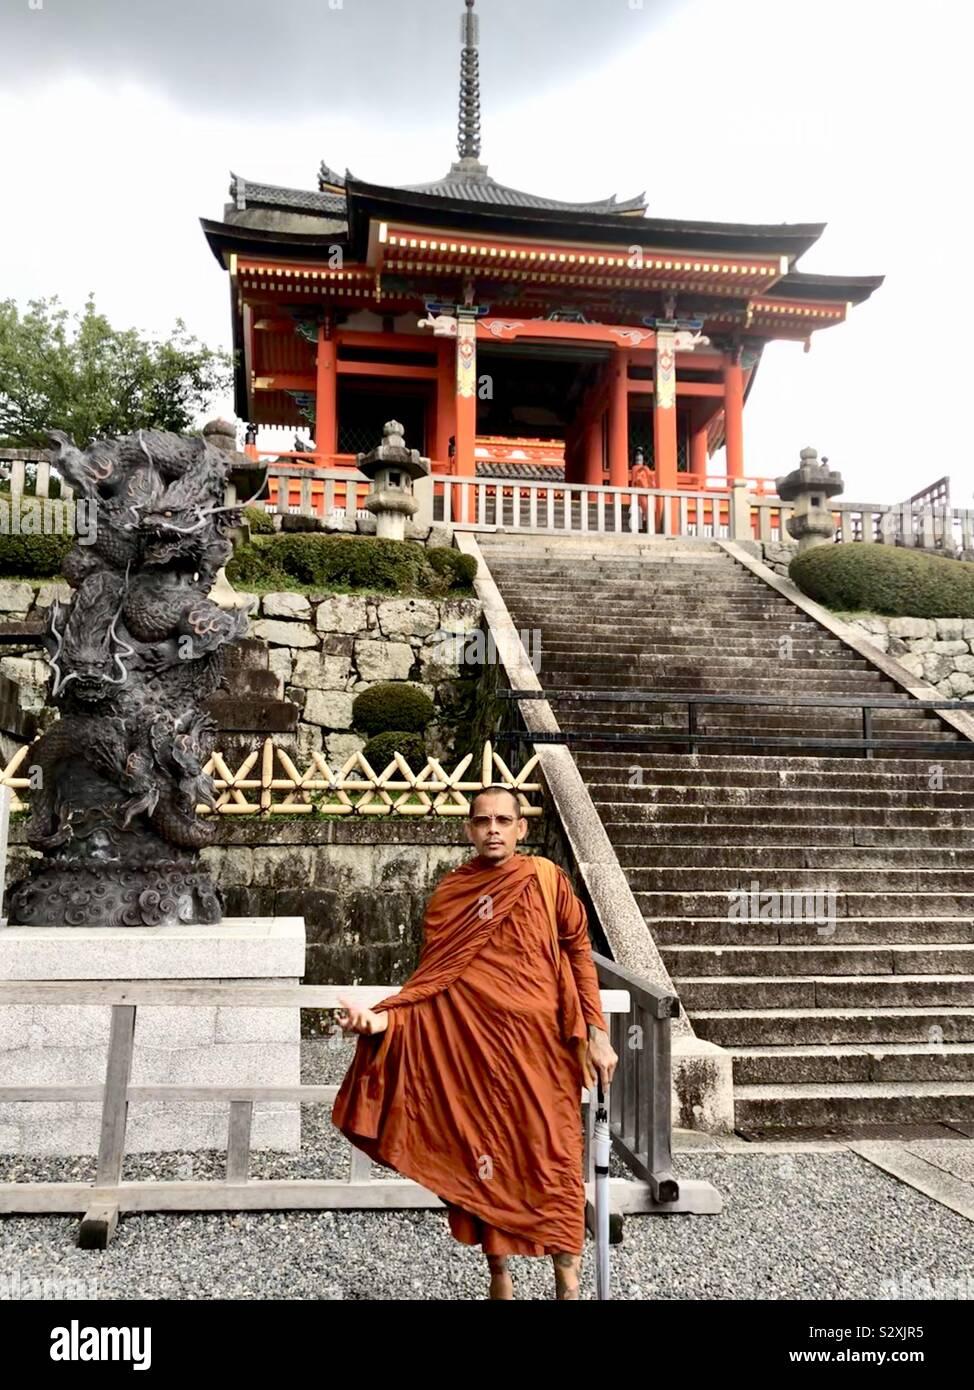 En Ubicación: Kiyomizu-dera, Kioto, Japón. Foto de stock